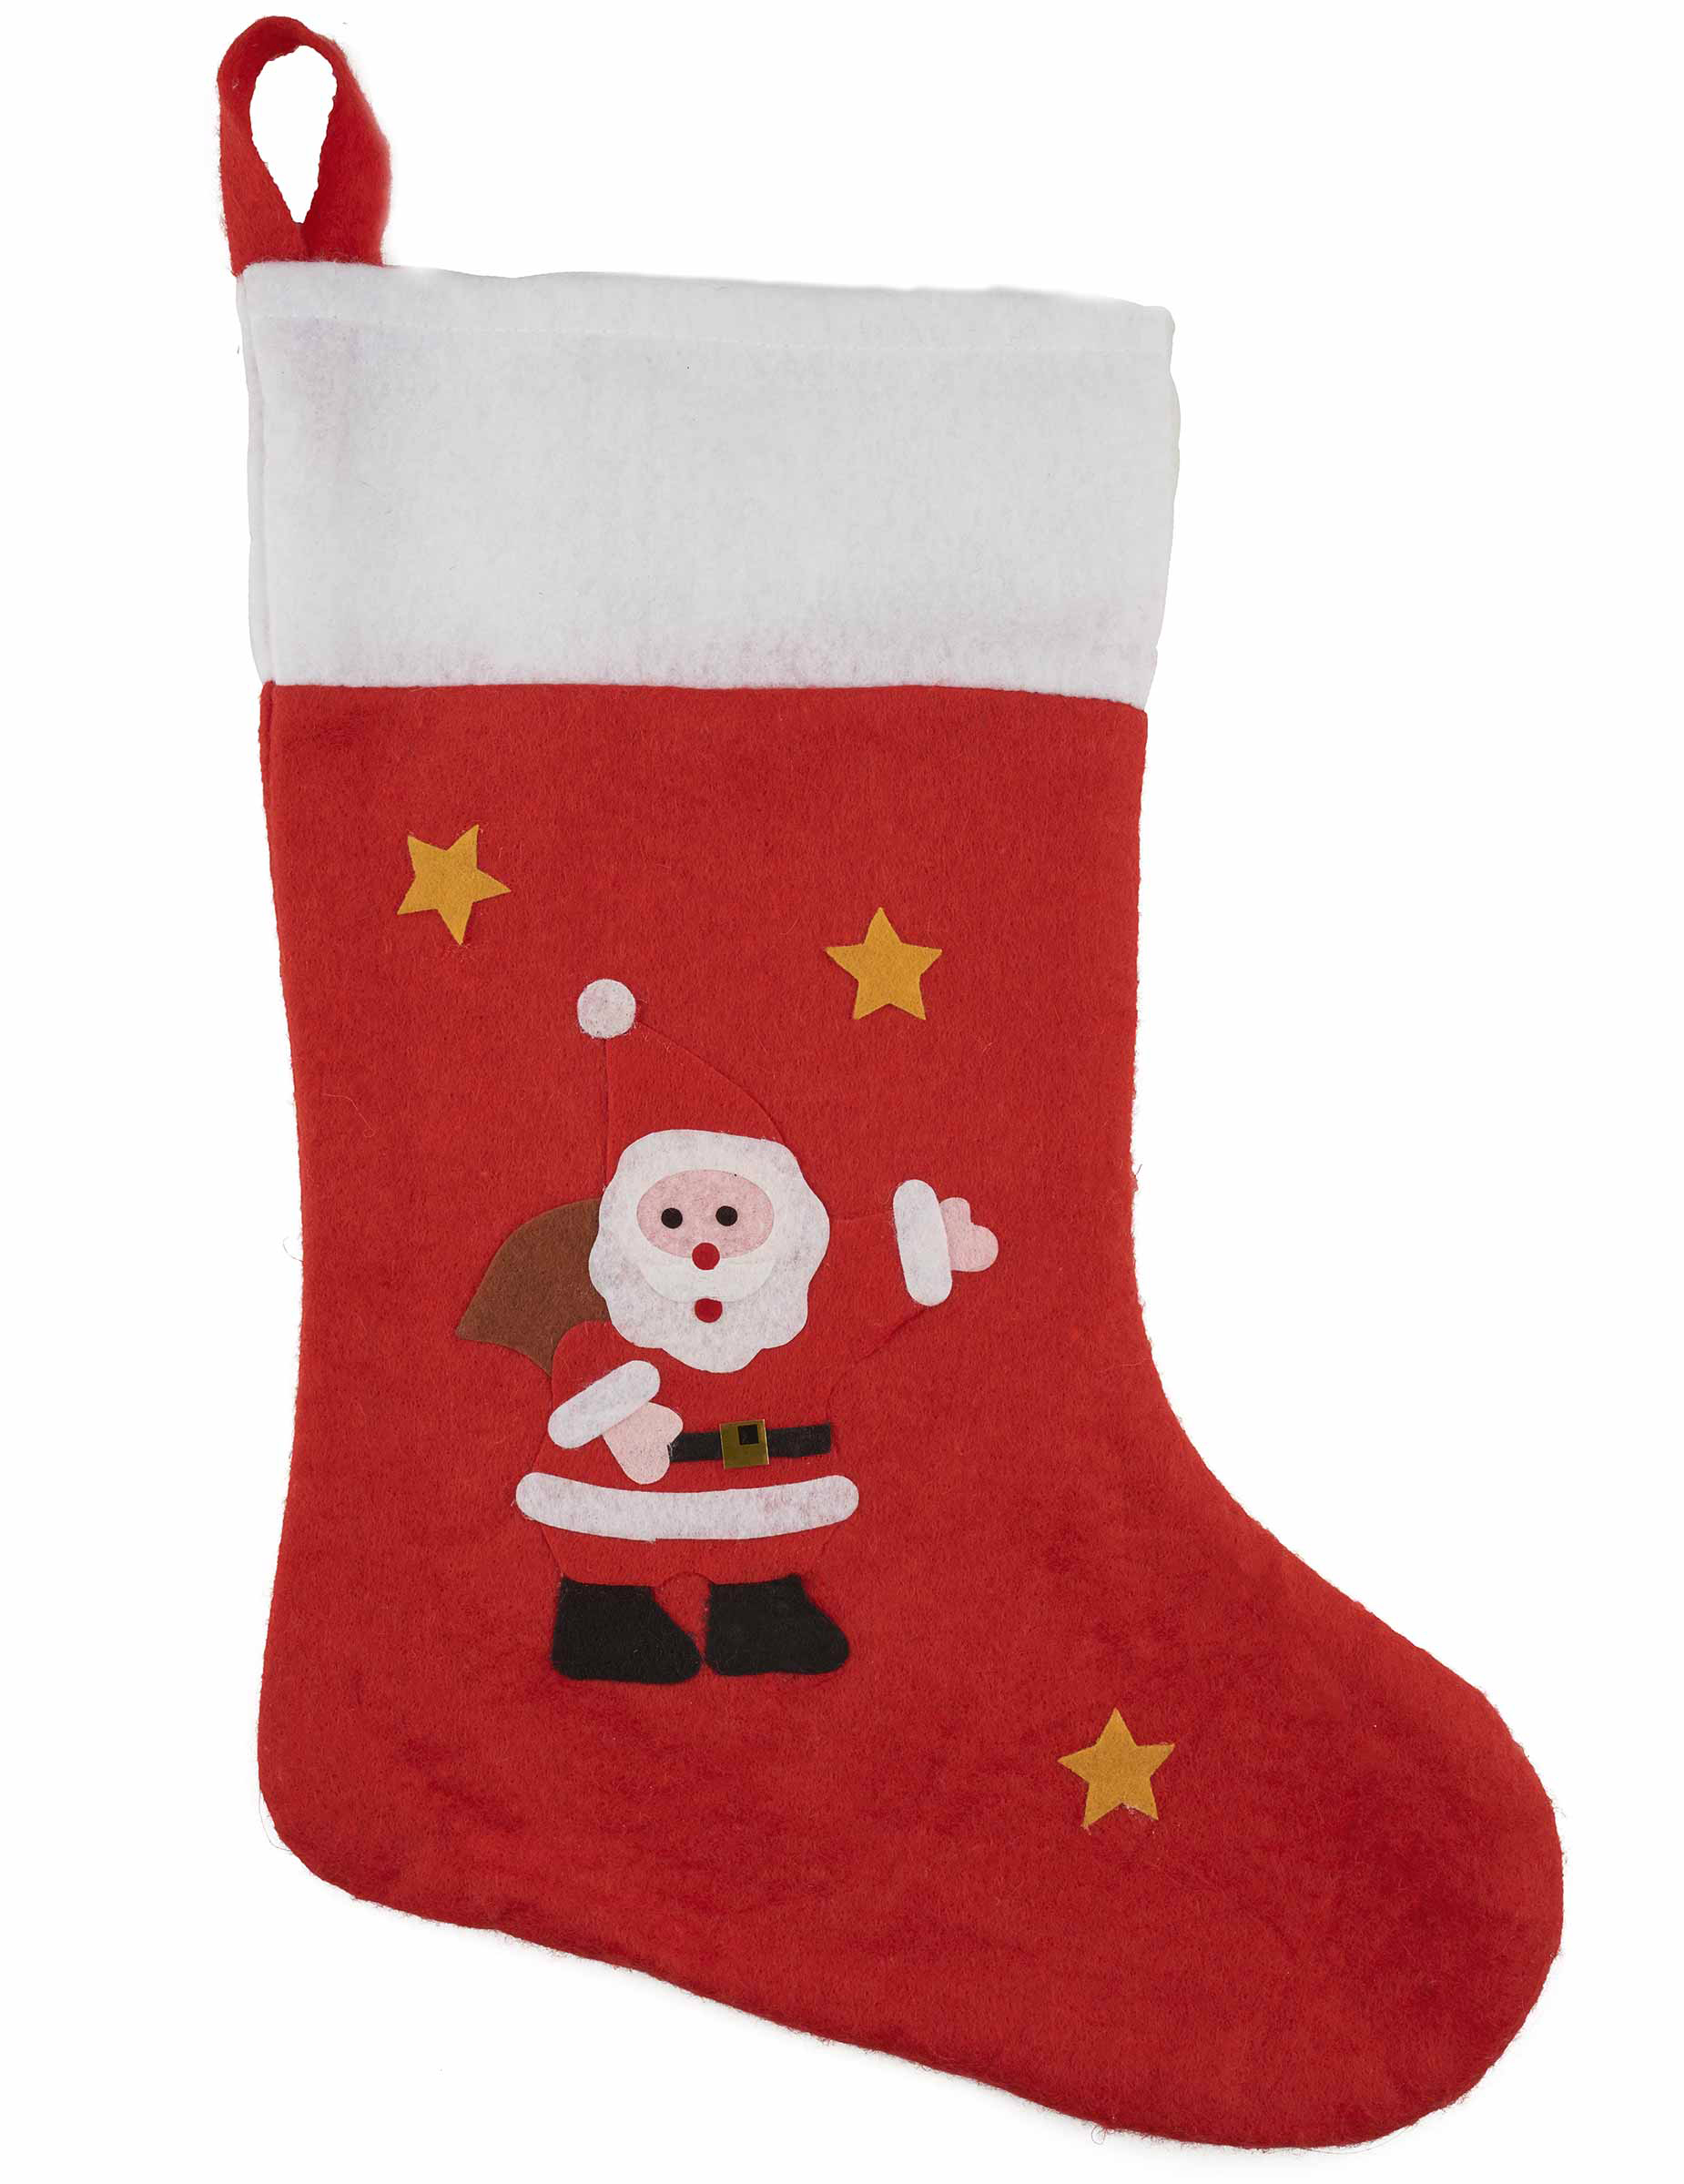 Geschenke Socke für Adventszeit und Weihnachten: Partydeko,und ...